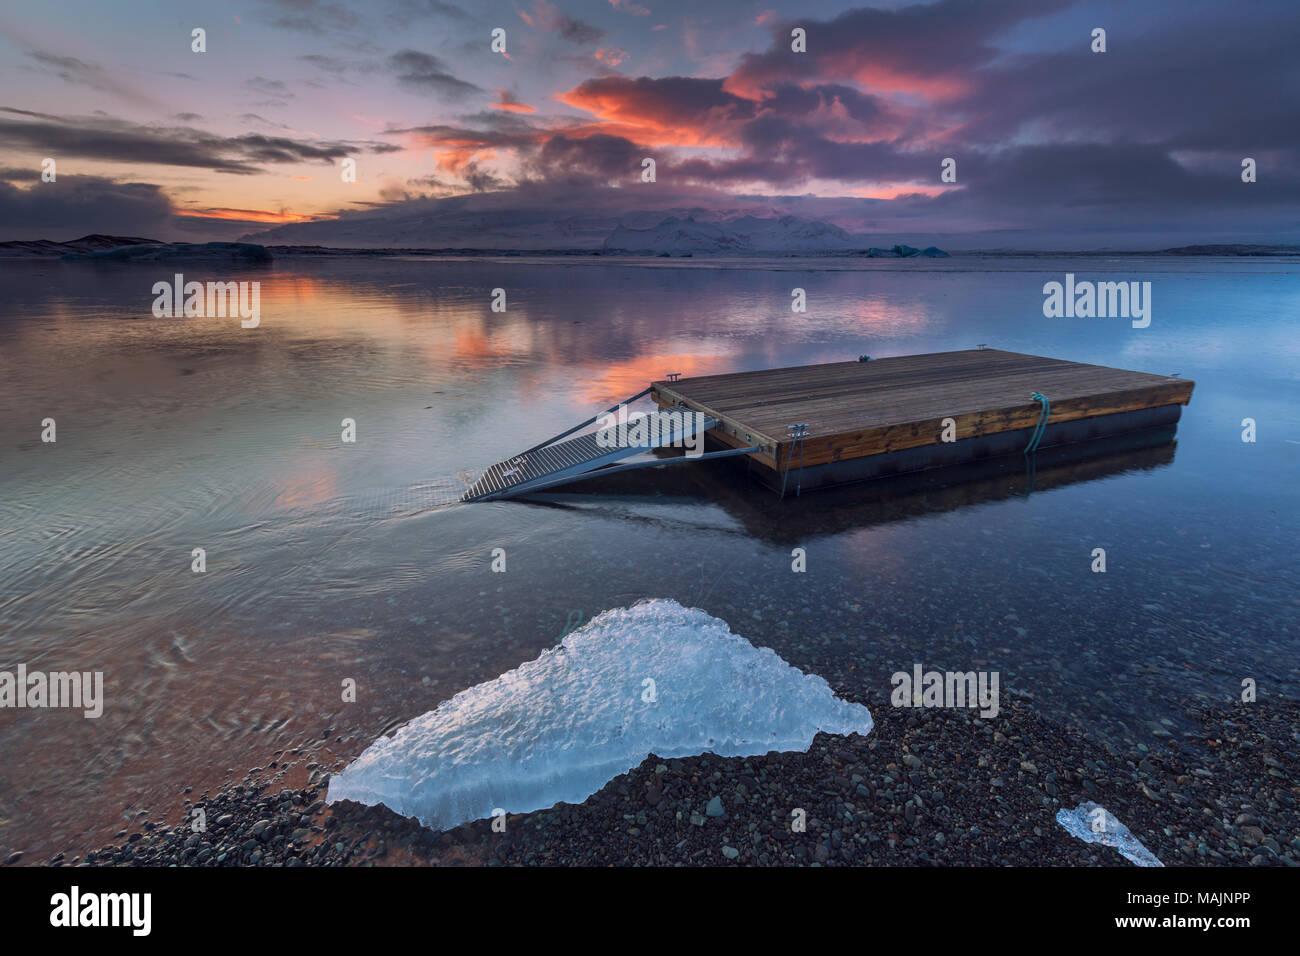 Sunset at jokulsarlon lagoon in Iceland - Stock Image